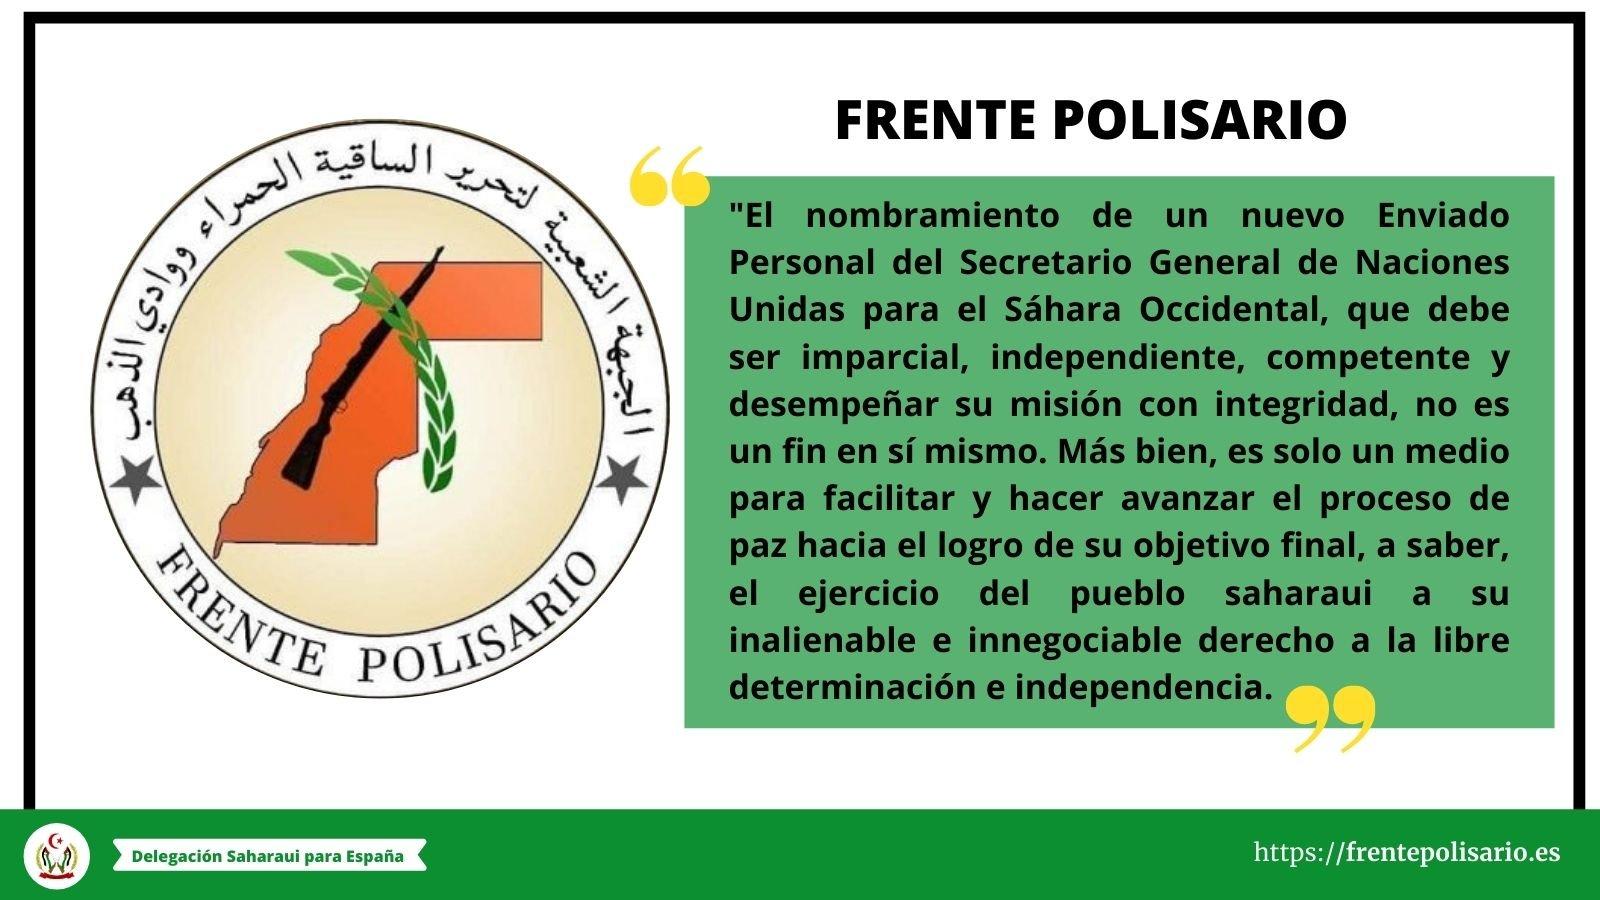 Frente POLISARIO: El Enviado de la ONU para el Sahara Occidental es solo un medio para facilitar y hacer avanzar el proceso de paz hacia el logro de su objetivo final.